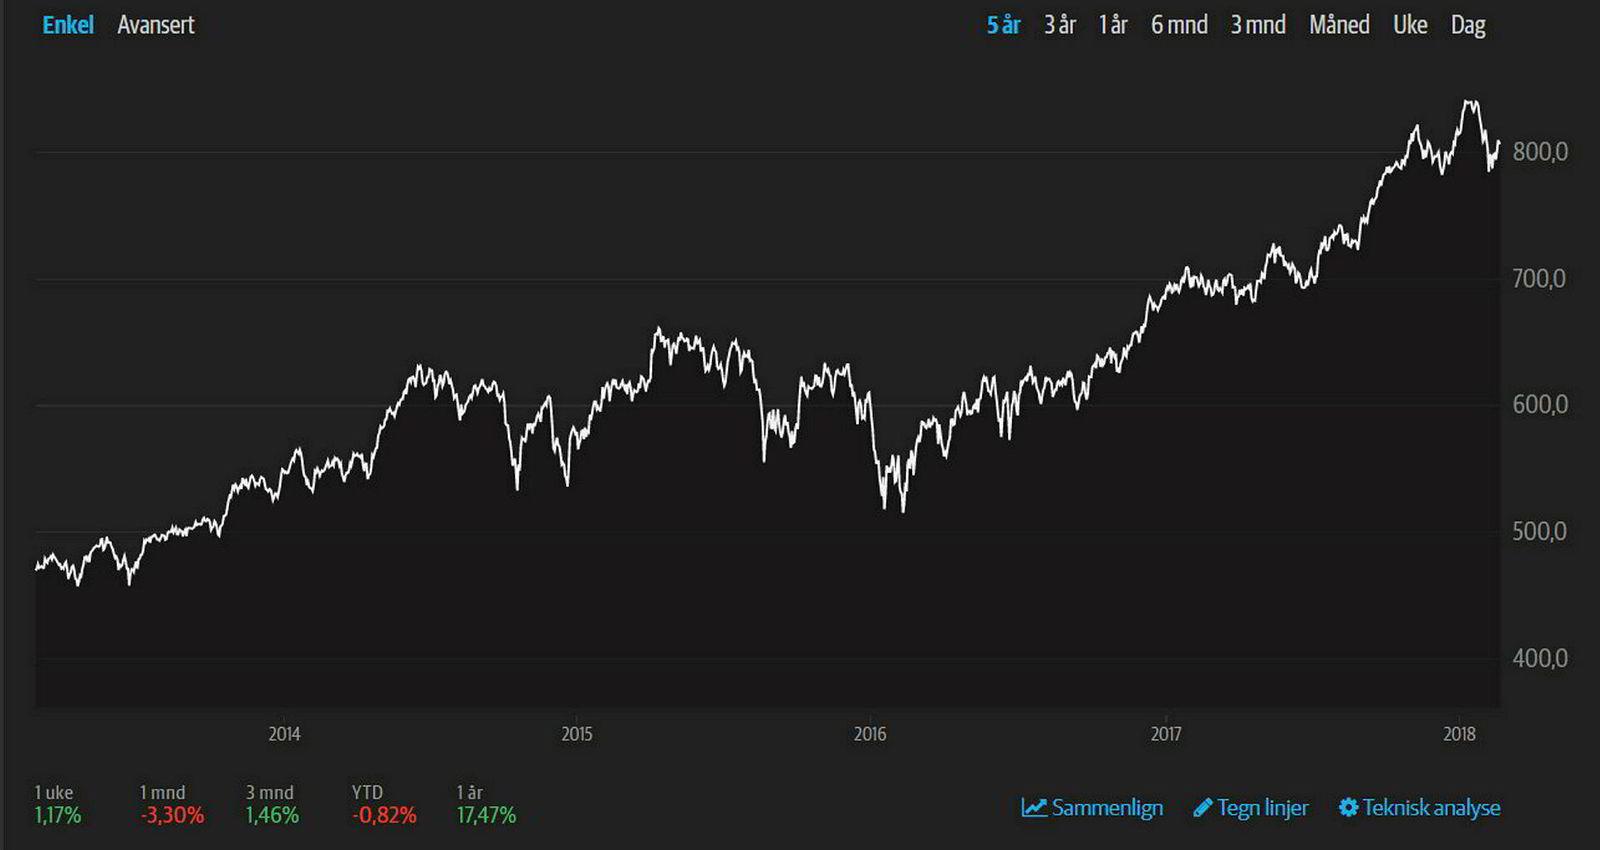 Utviklingen på børsen siste fem år.